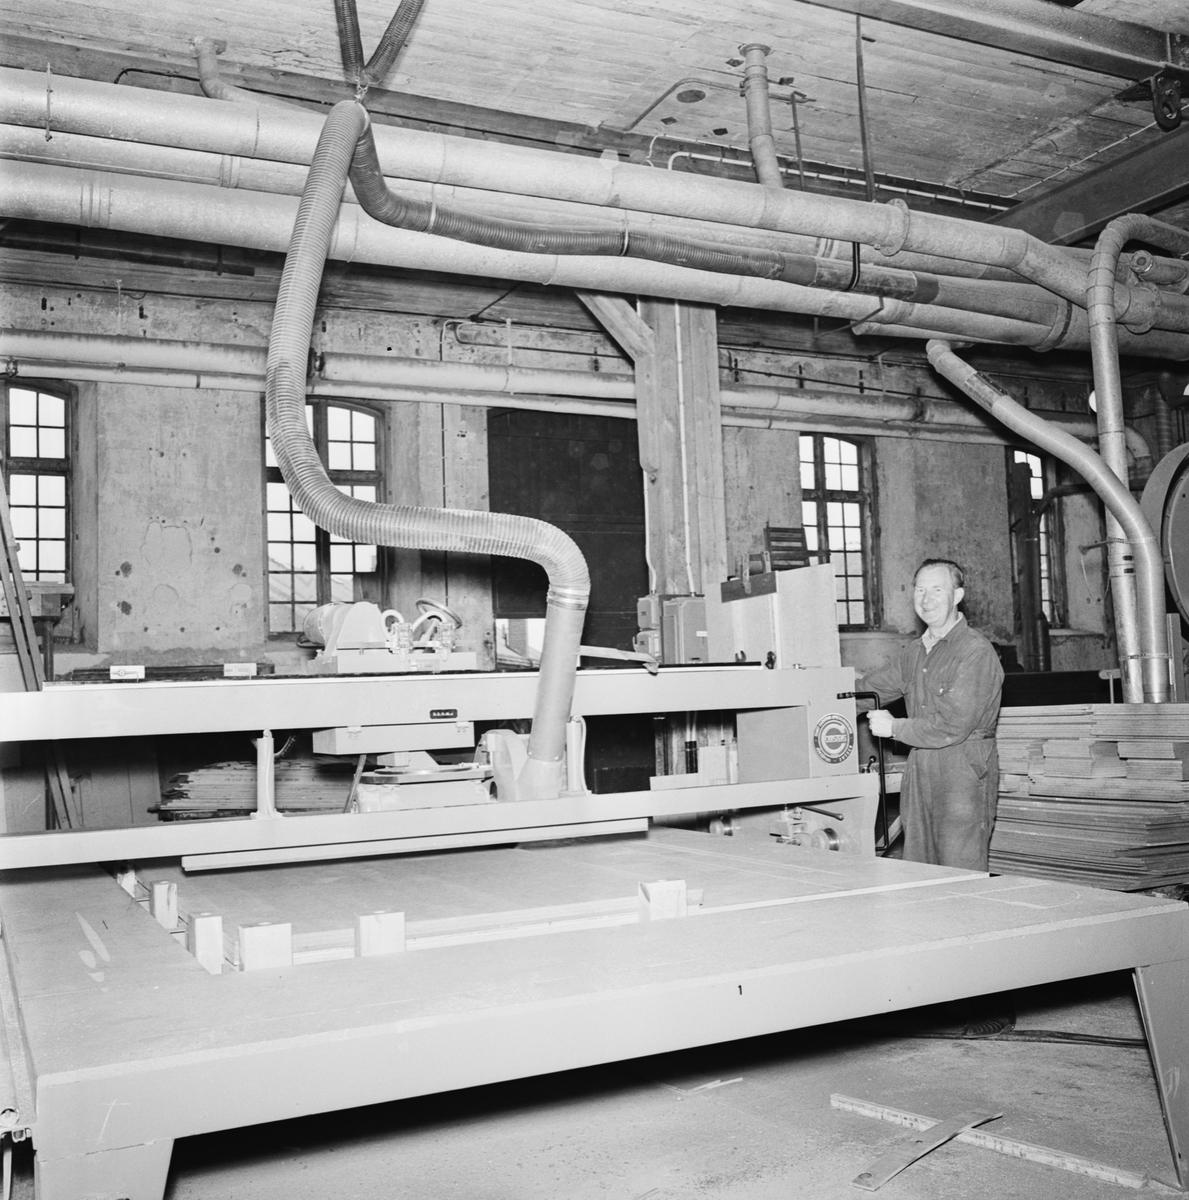 Övrigt: Foto datum: 21/9 1965 Byggnader och kranar Provelement